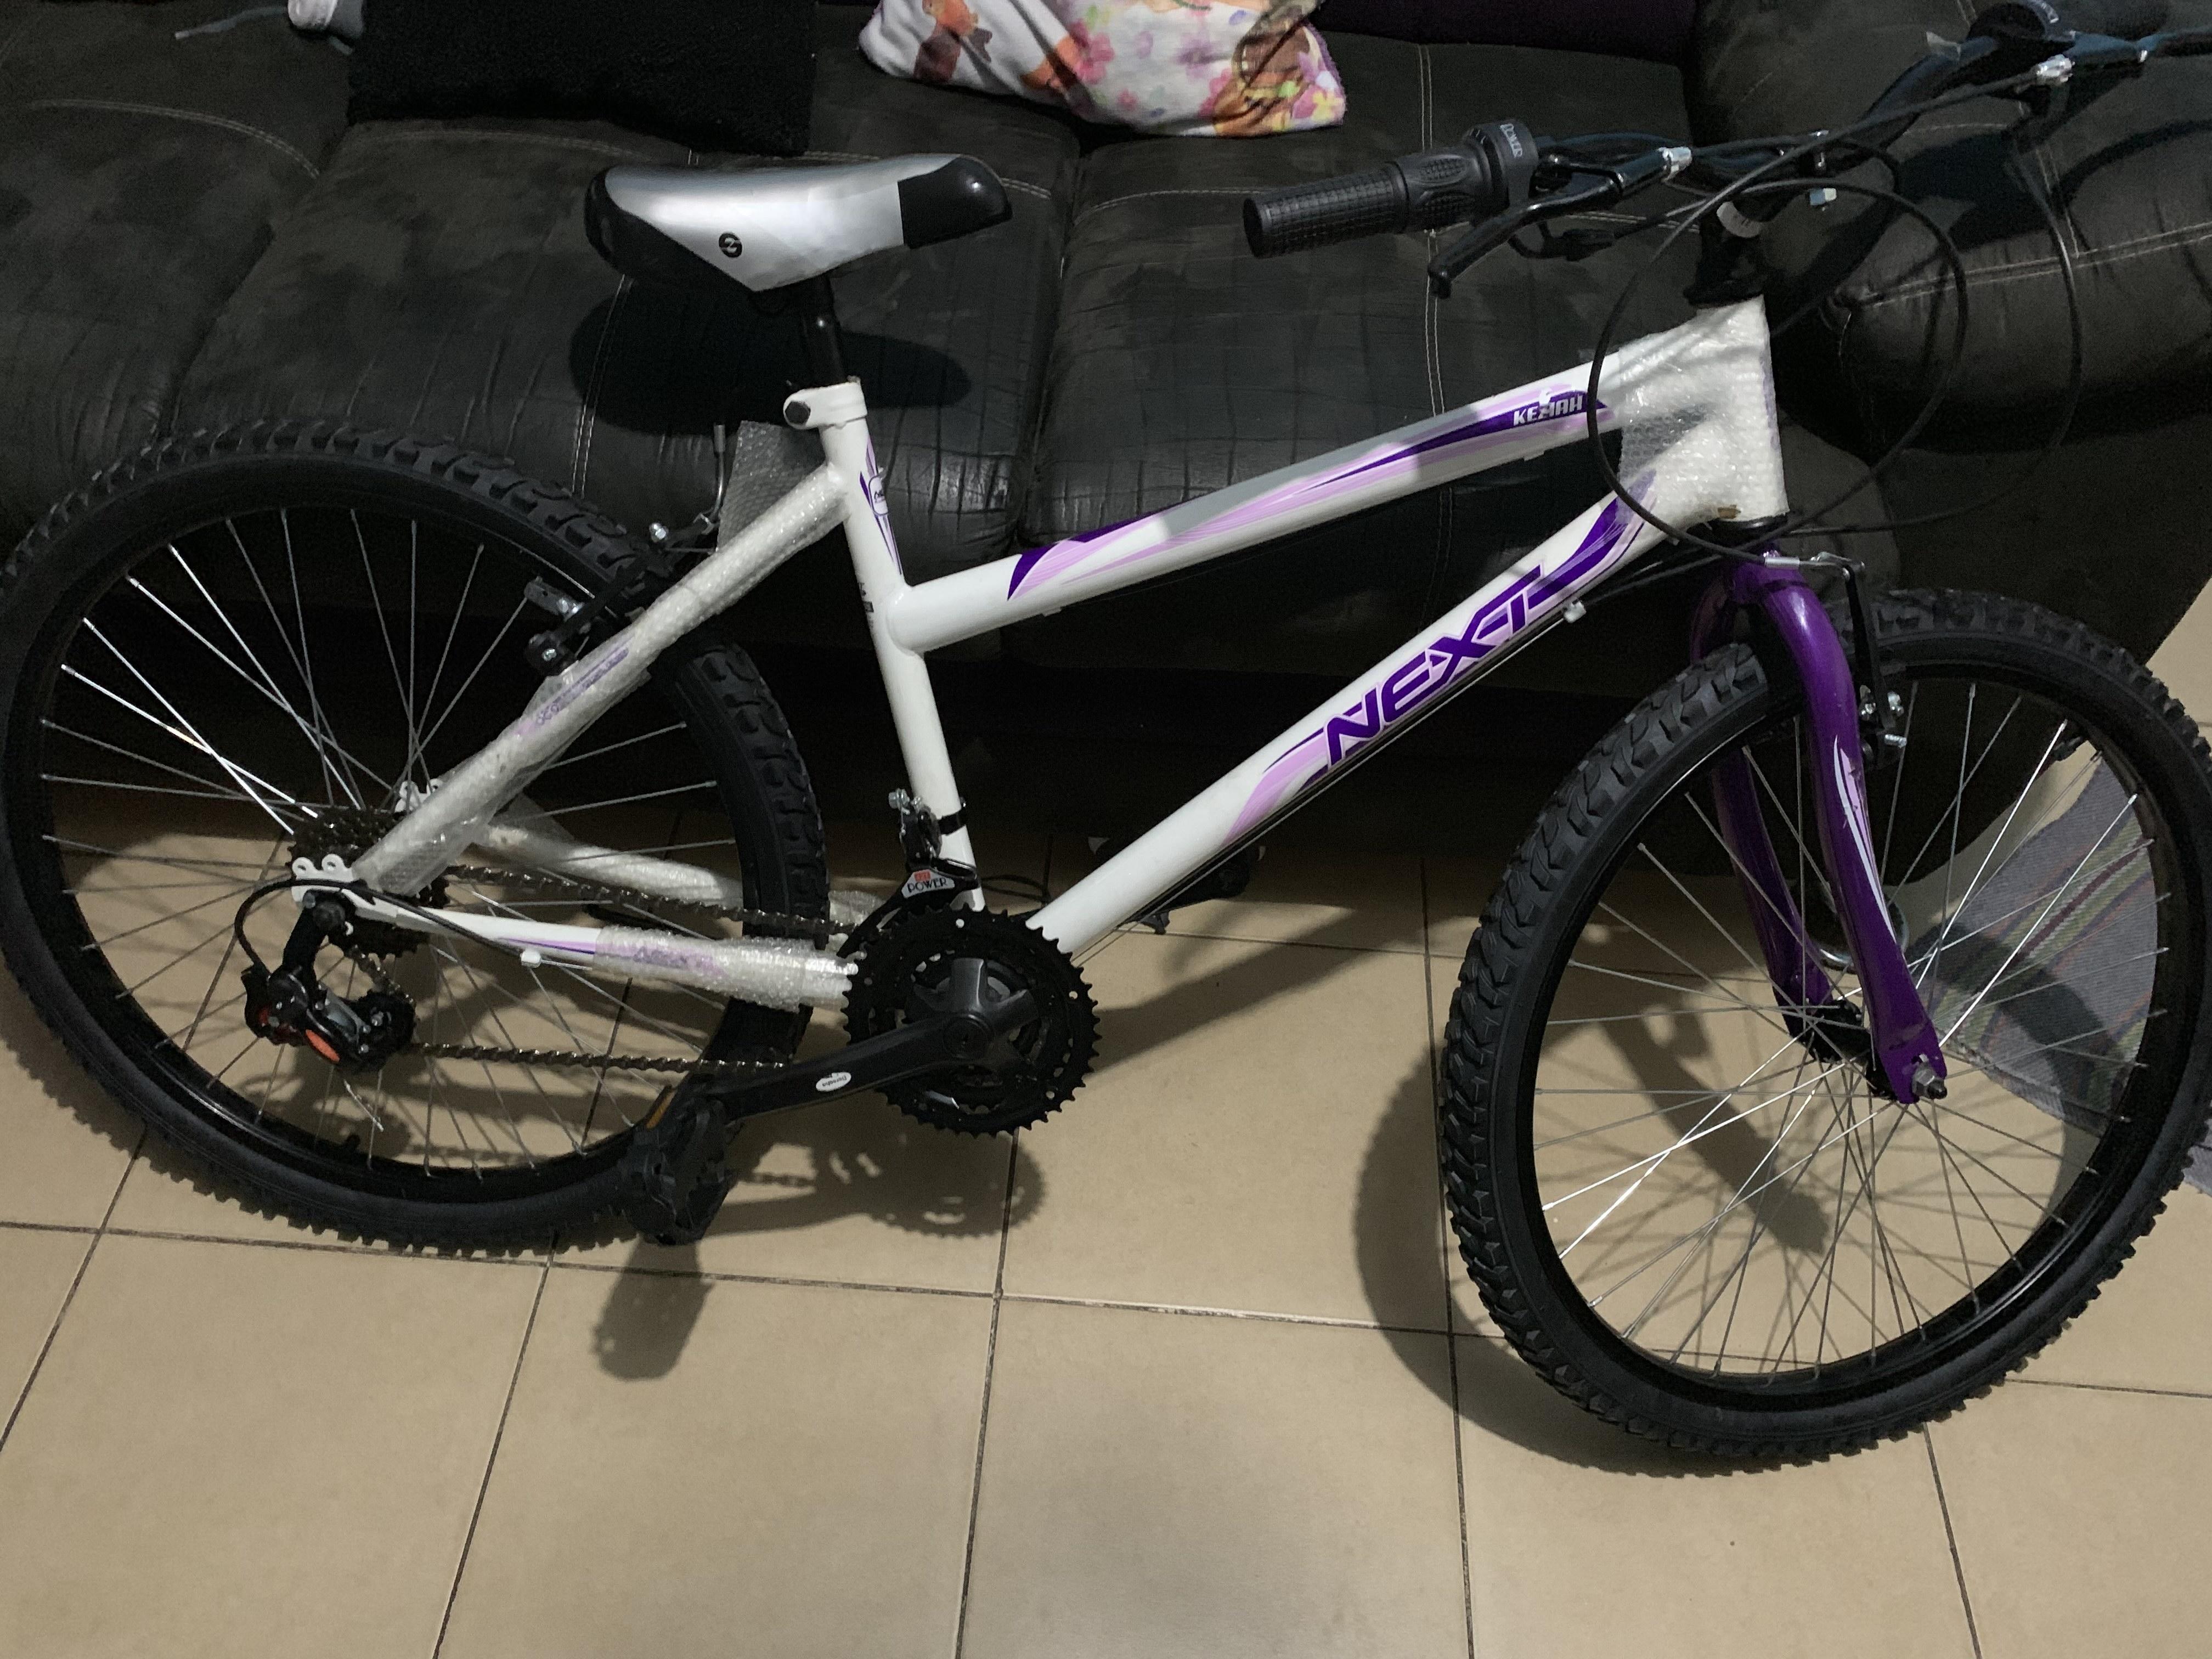 Bodega Aurrerá : bicicleta R24 de velocidades next